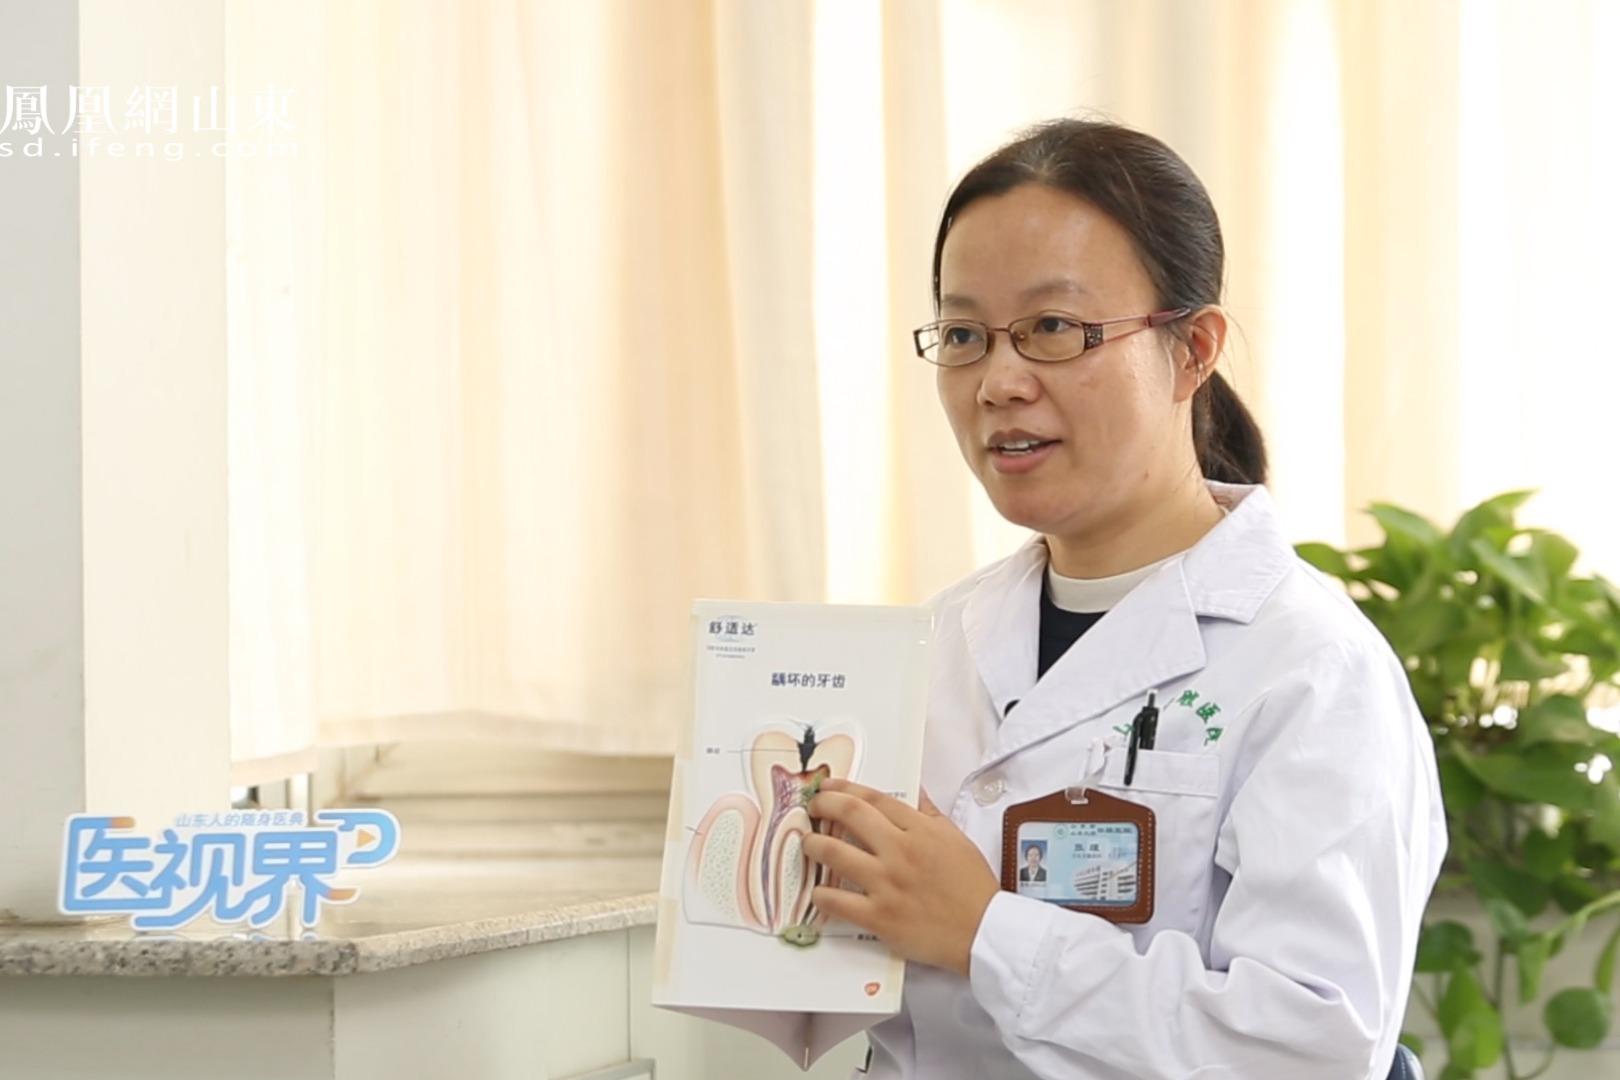 医视界|如何在早期发现牙髓病和根尖周病?